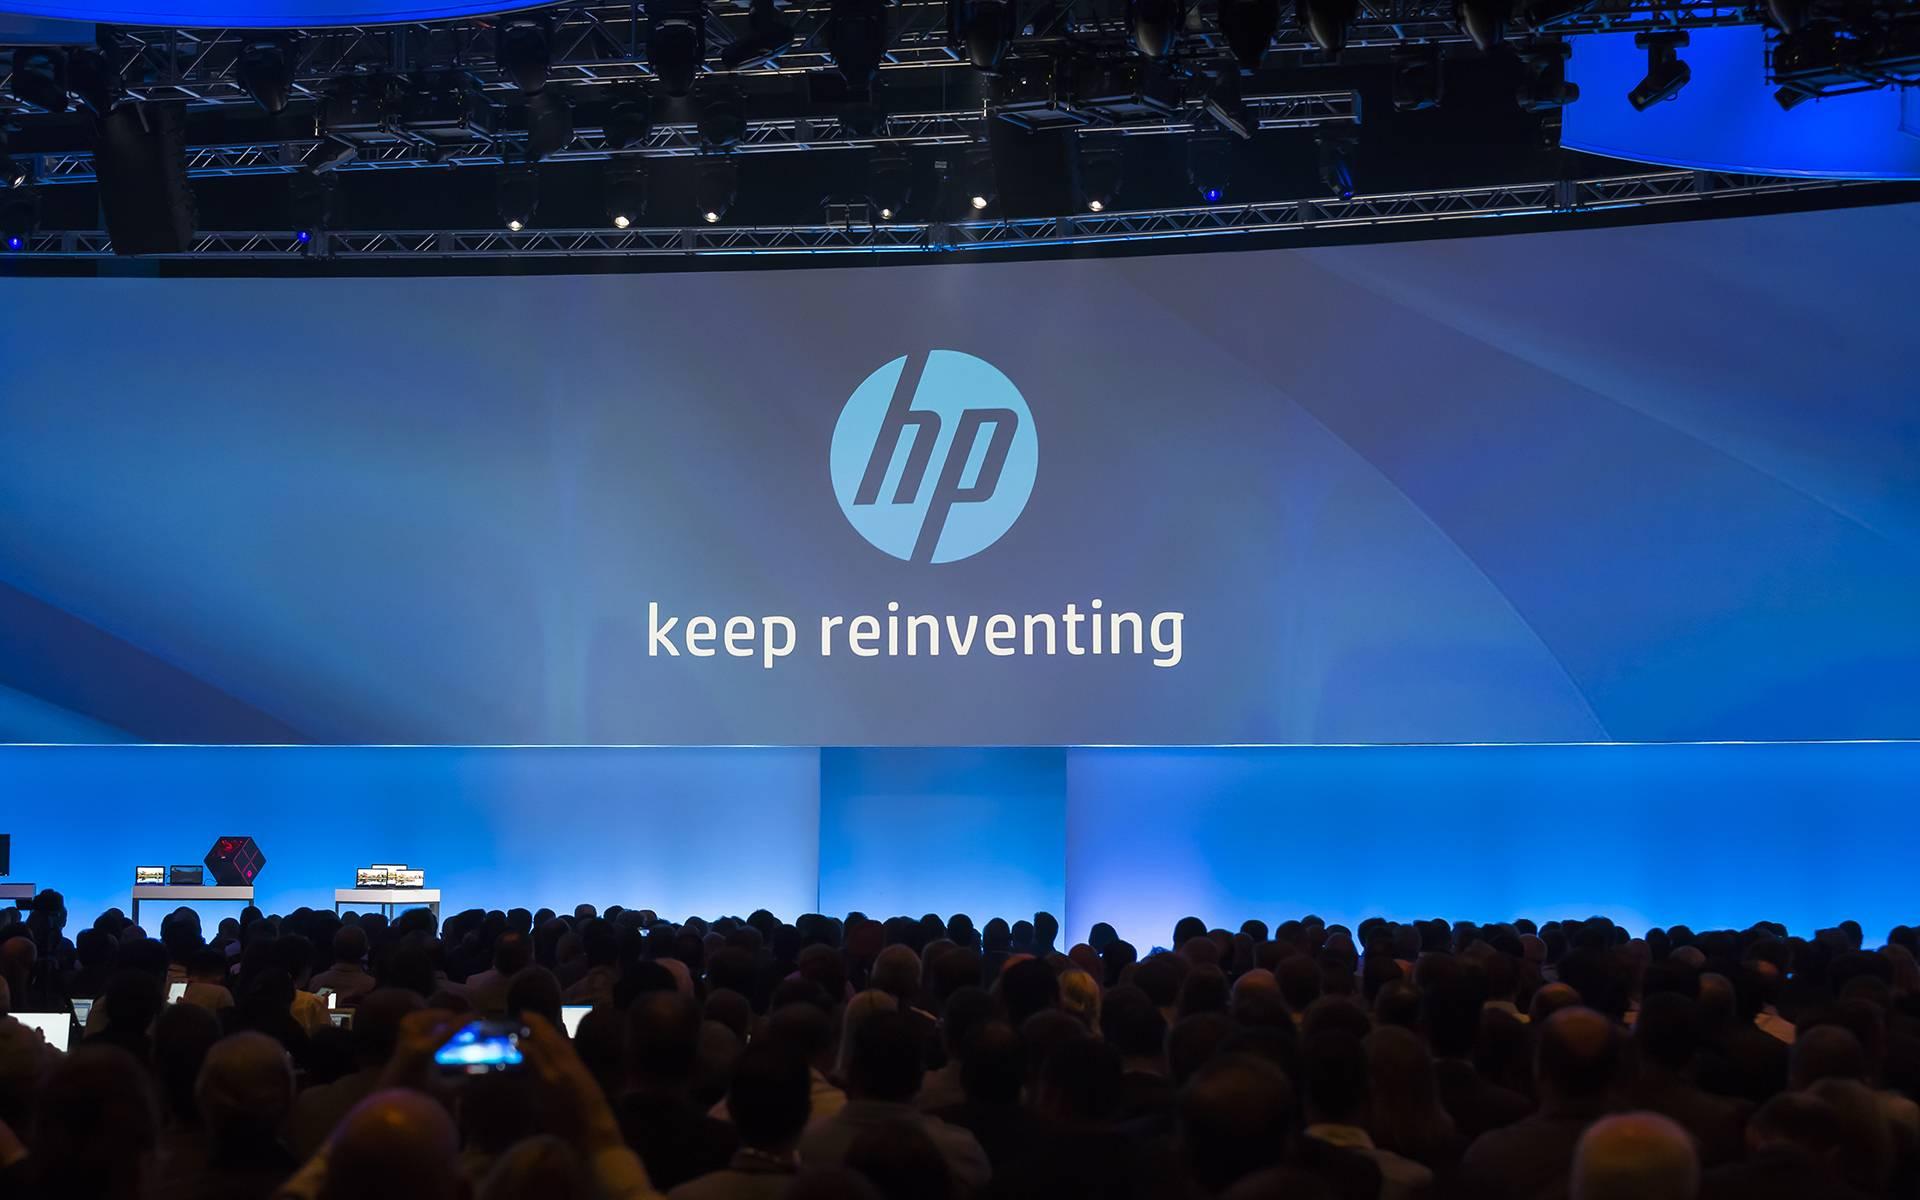 2016 年 9 月 13 日,拆分之后的惠普举办了首次全球合作伙伴大会,主题定为了 Keep Reinventing。